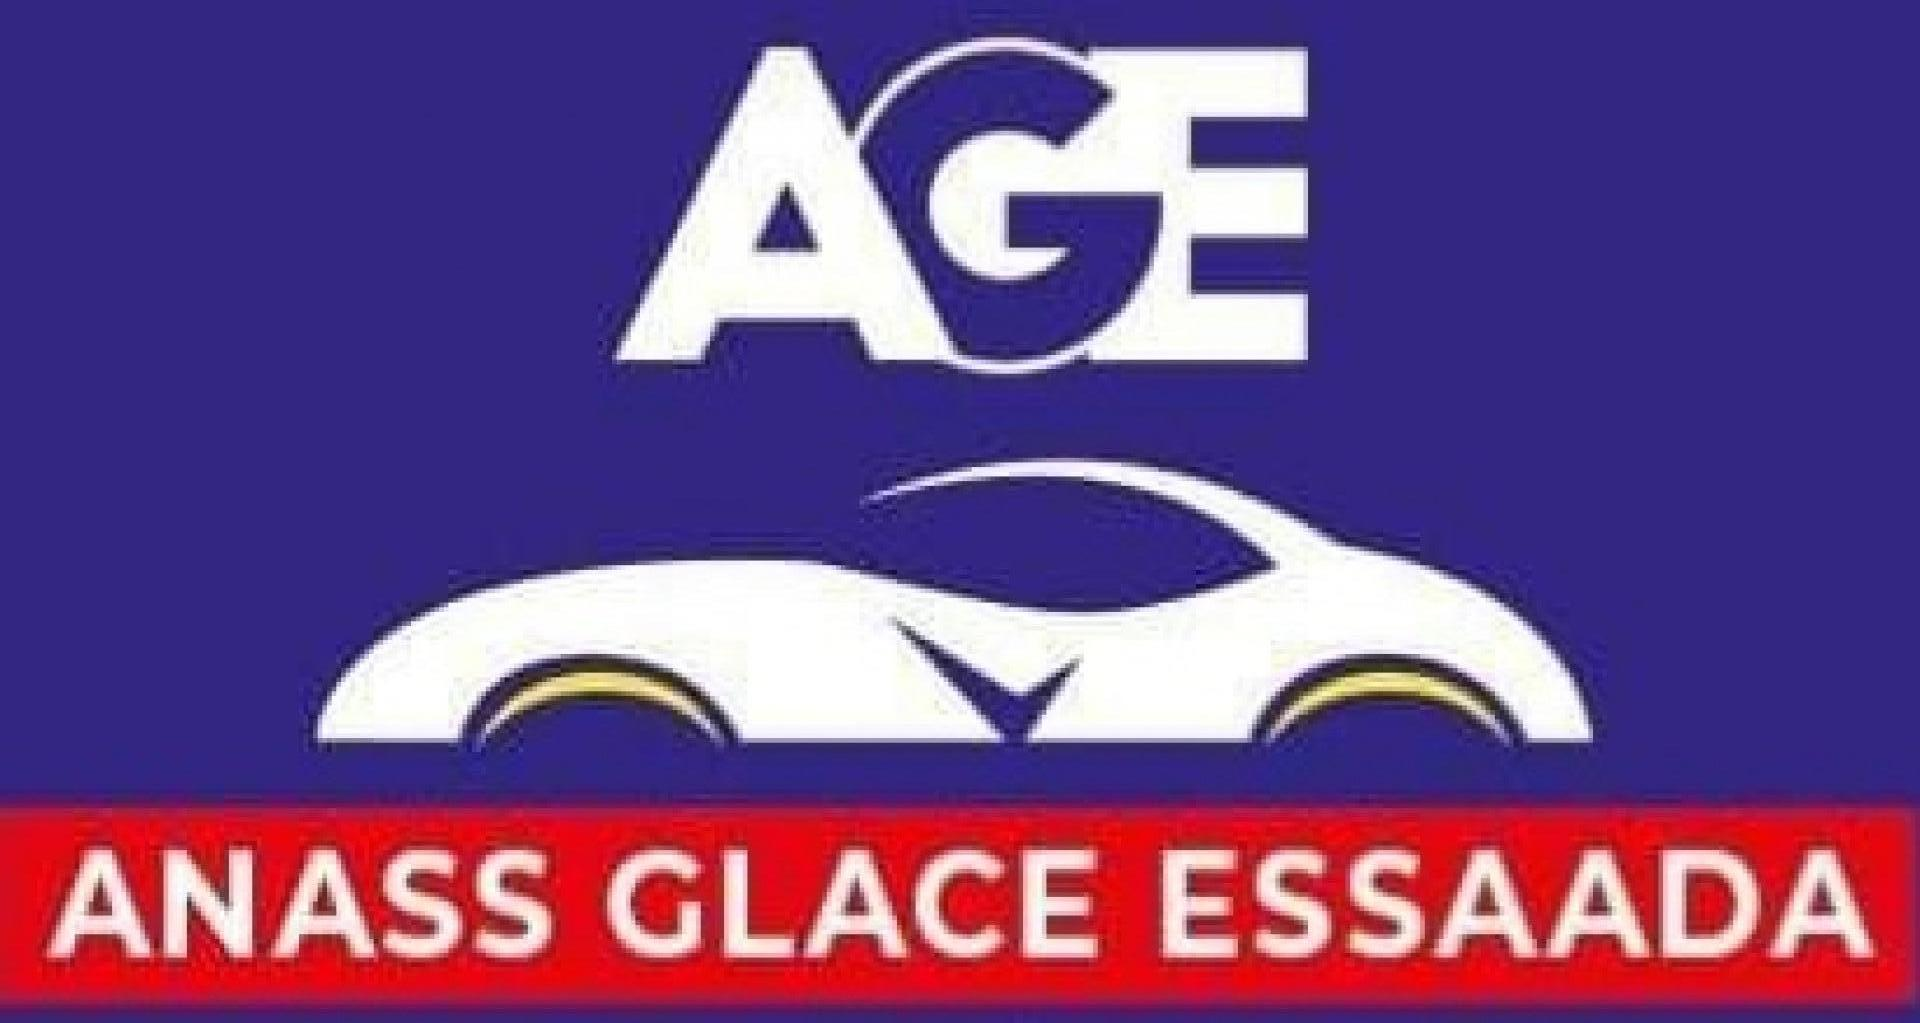 Anas Glace Essaada logo